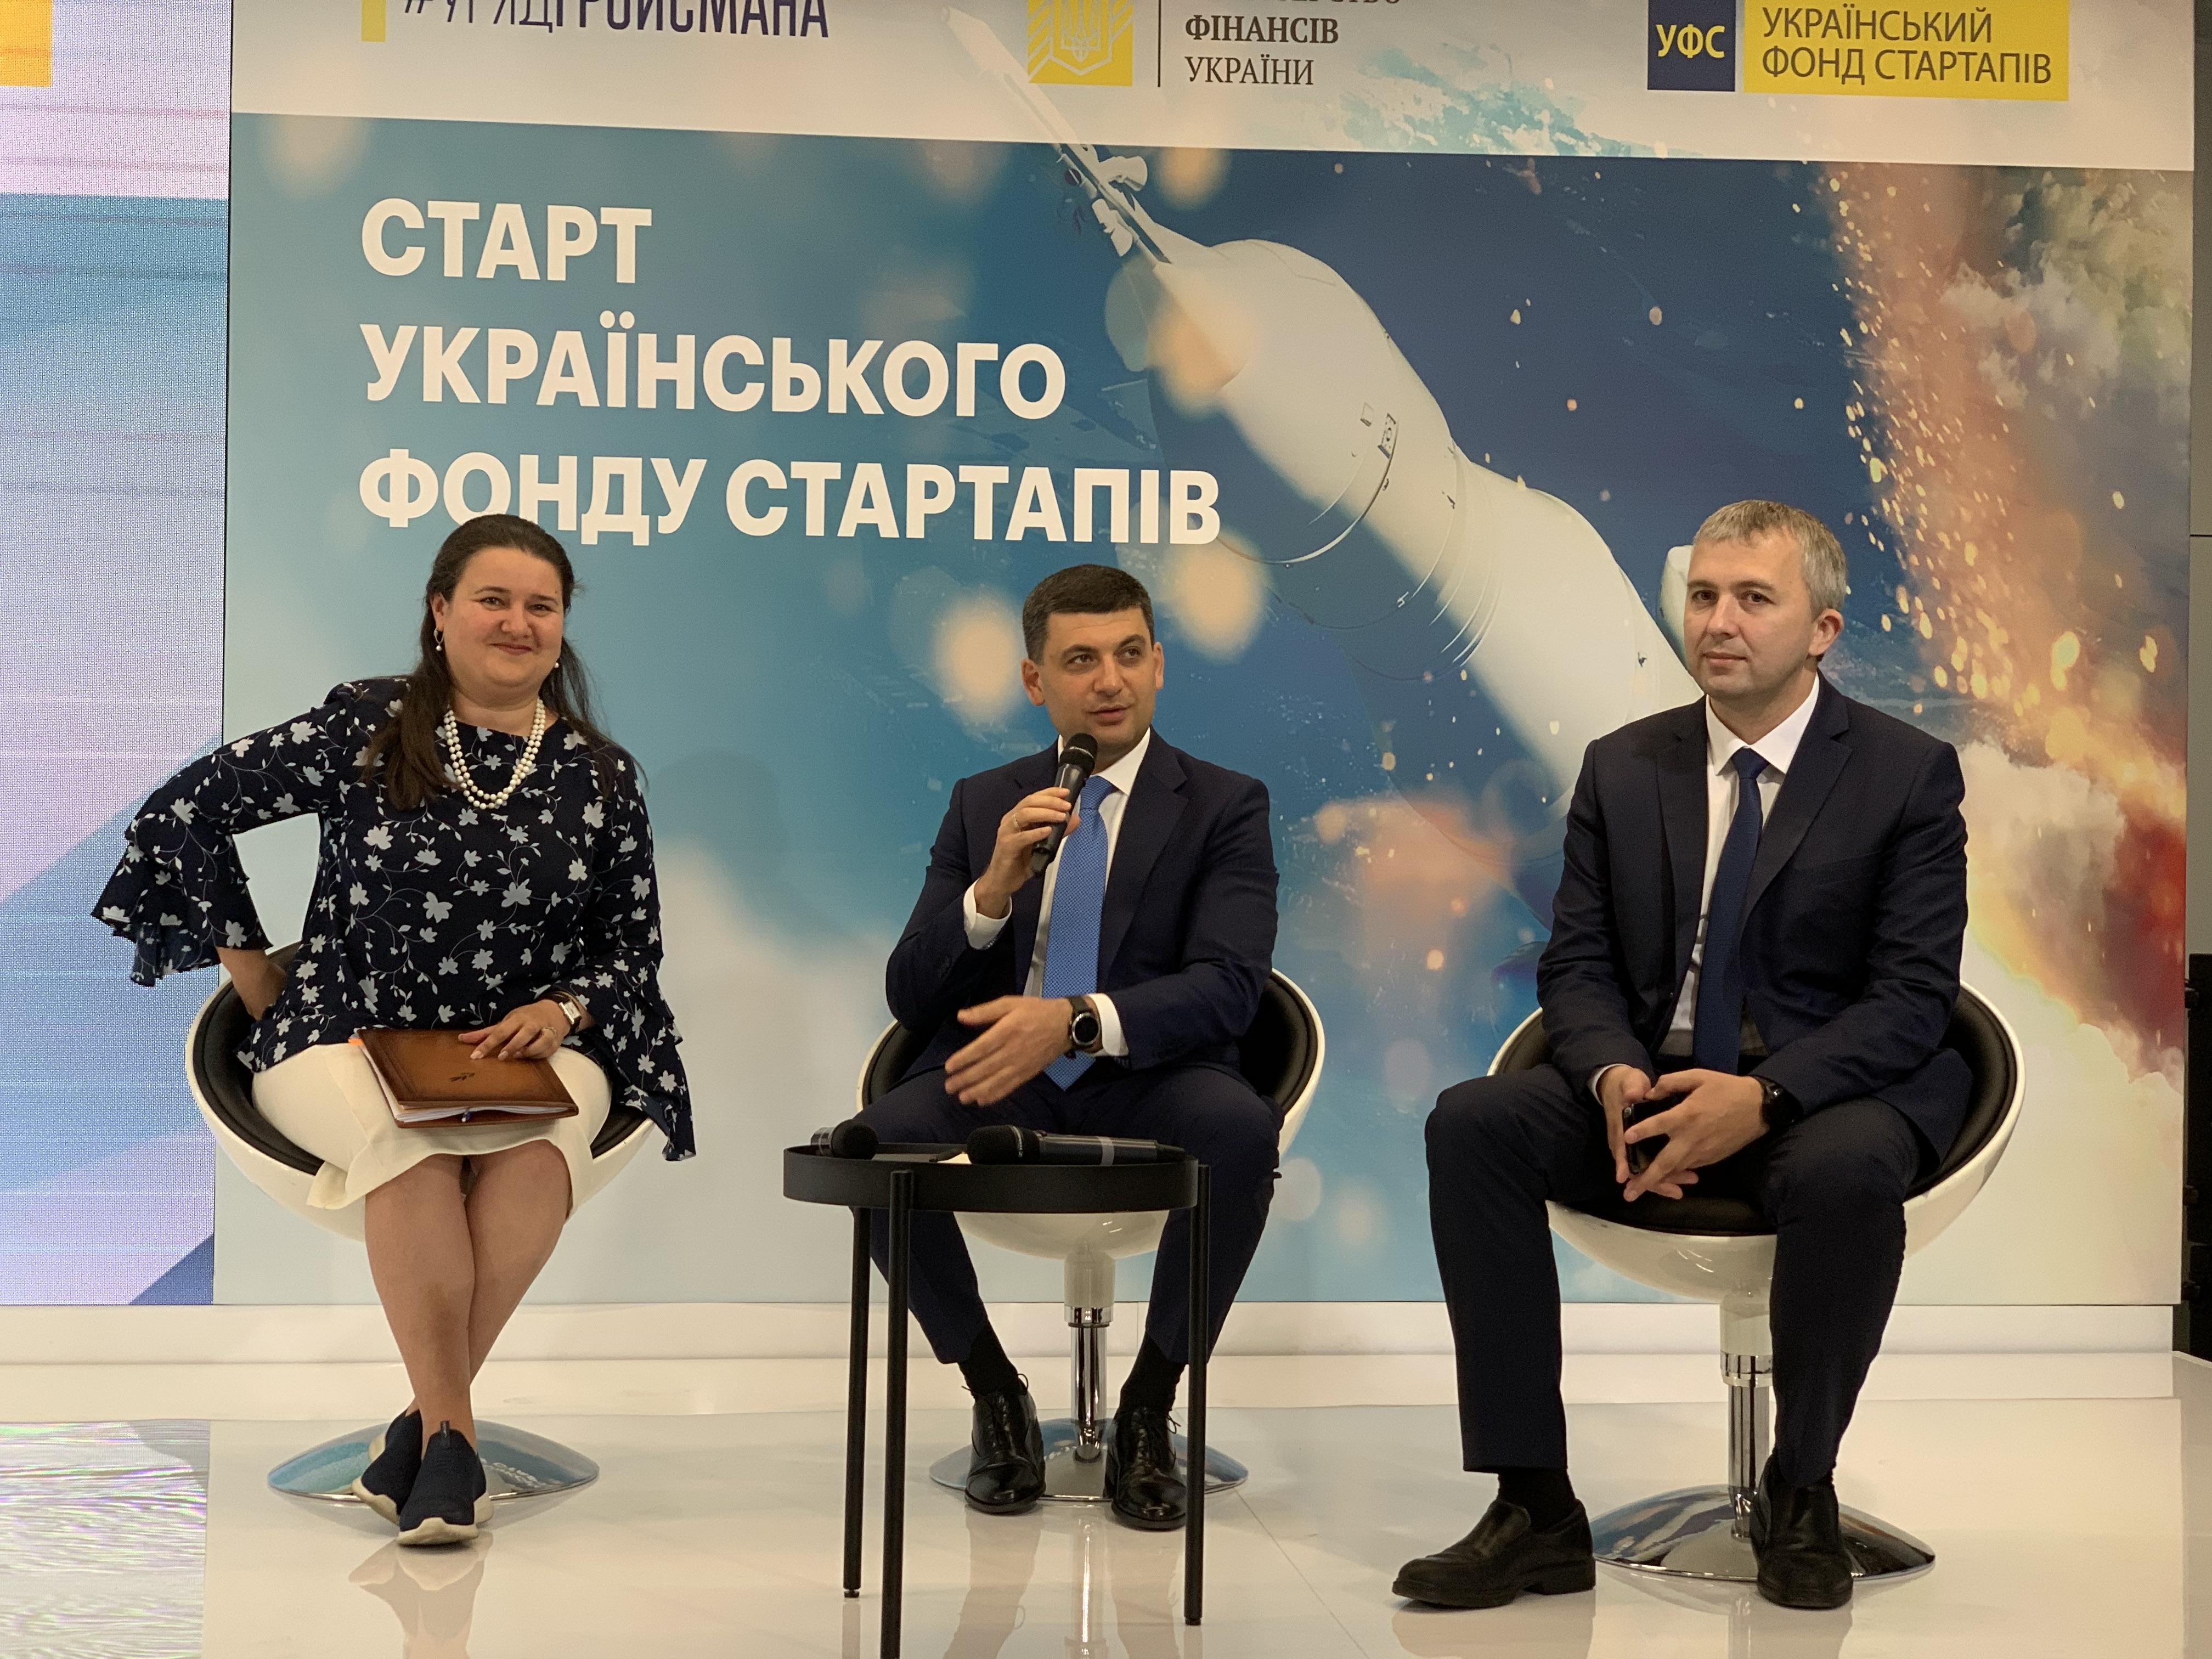 🤑 Уряд запустив Український фонд стартапів: даватимуть гранти до $75 000